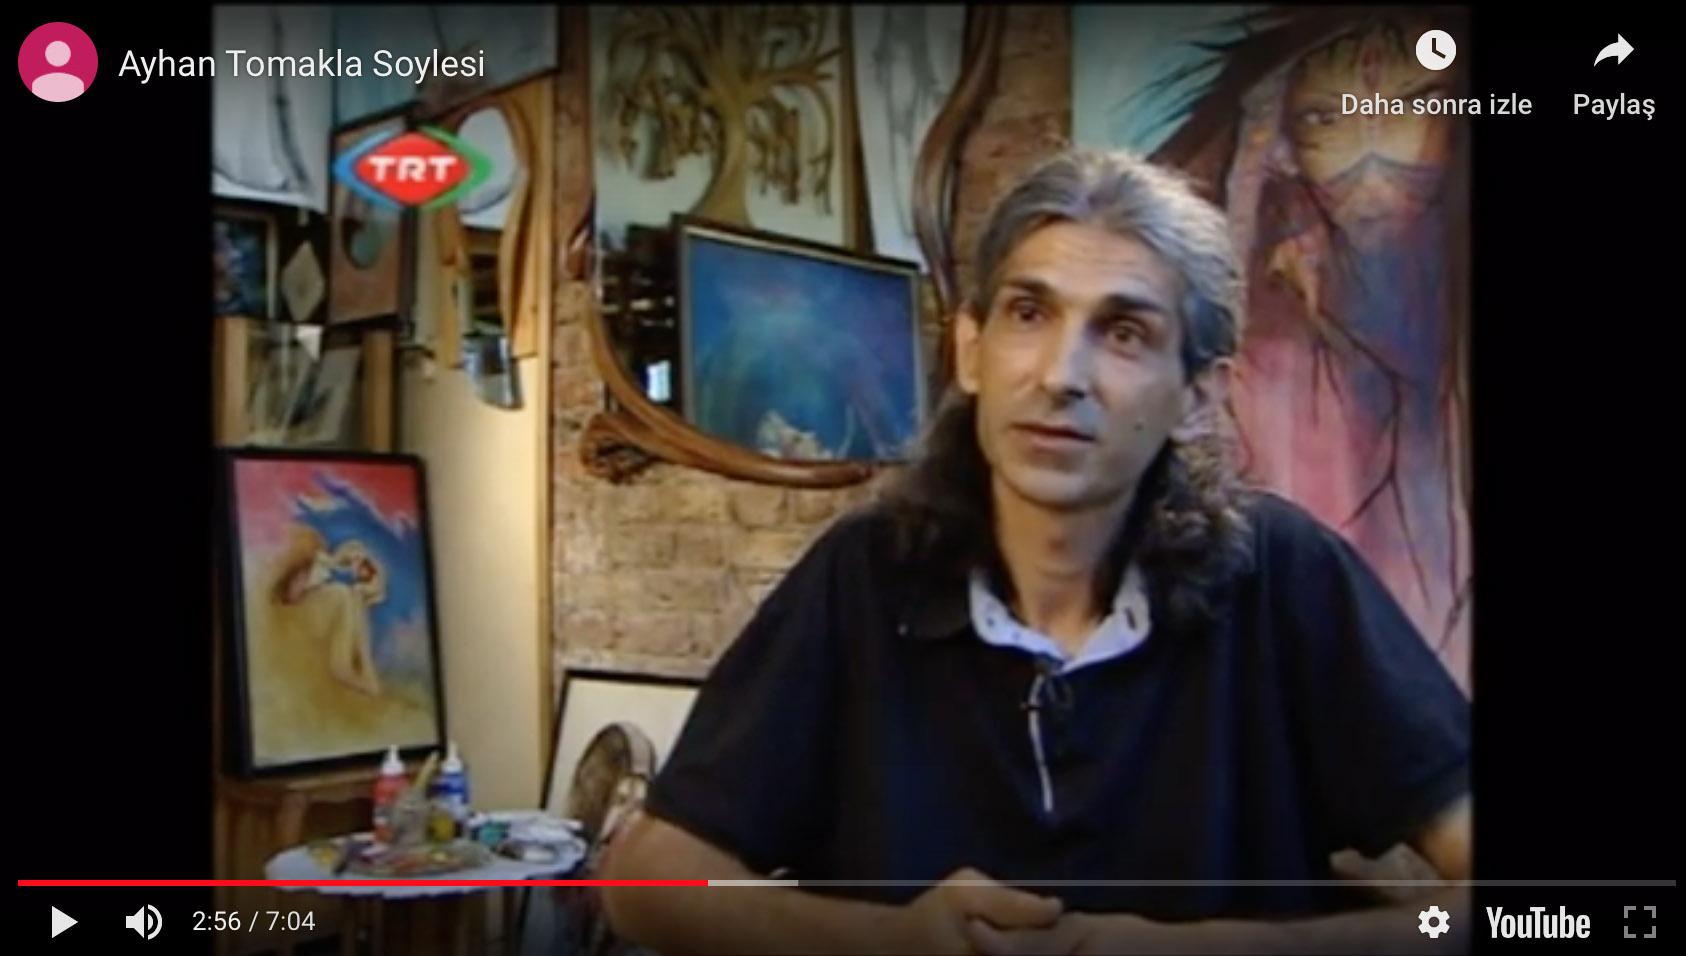 Ayhan TOMAK Söyleşi, TRT